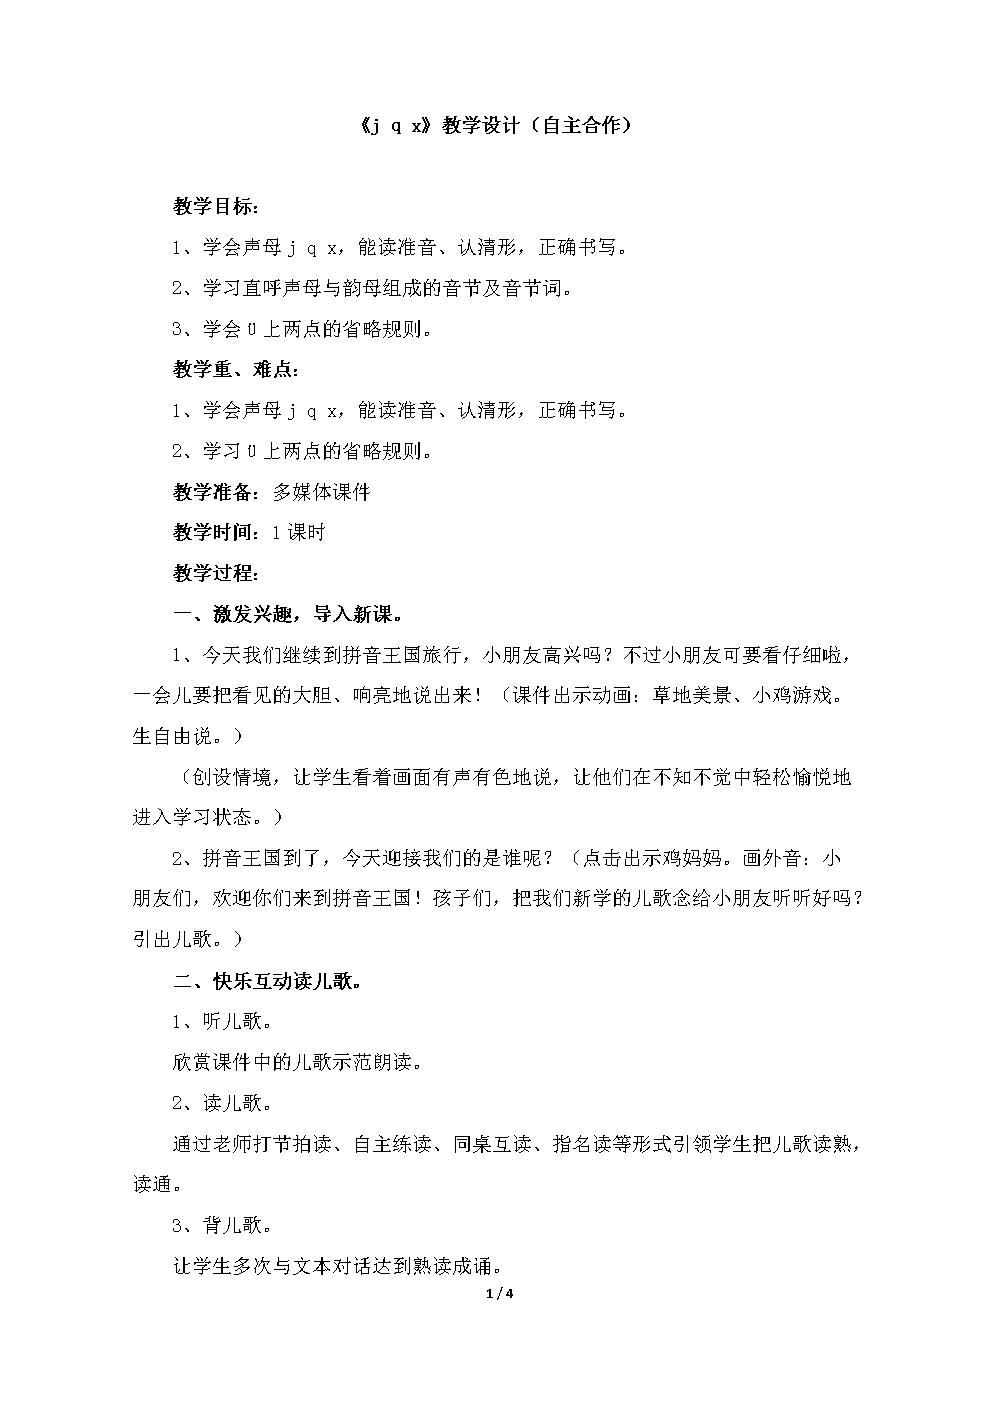 小学一年级语文上册《j_q_x》教学设计(自主合作)(苏教版).doc